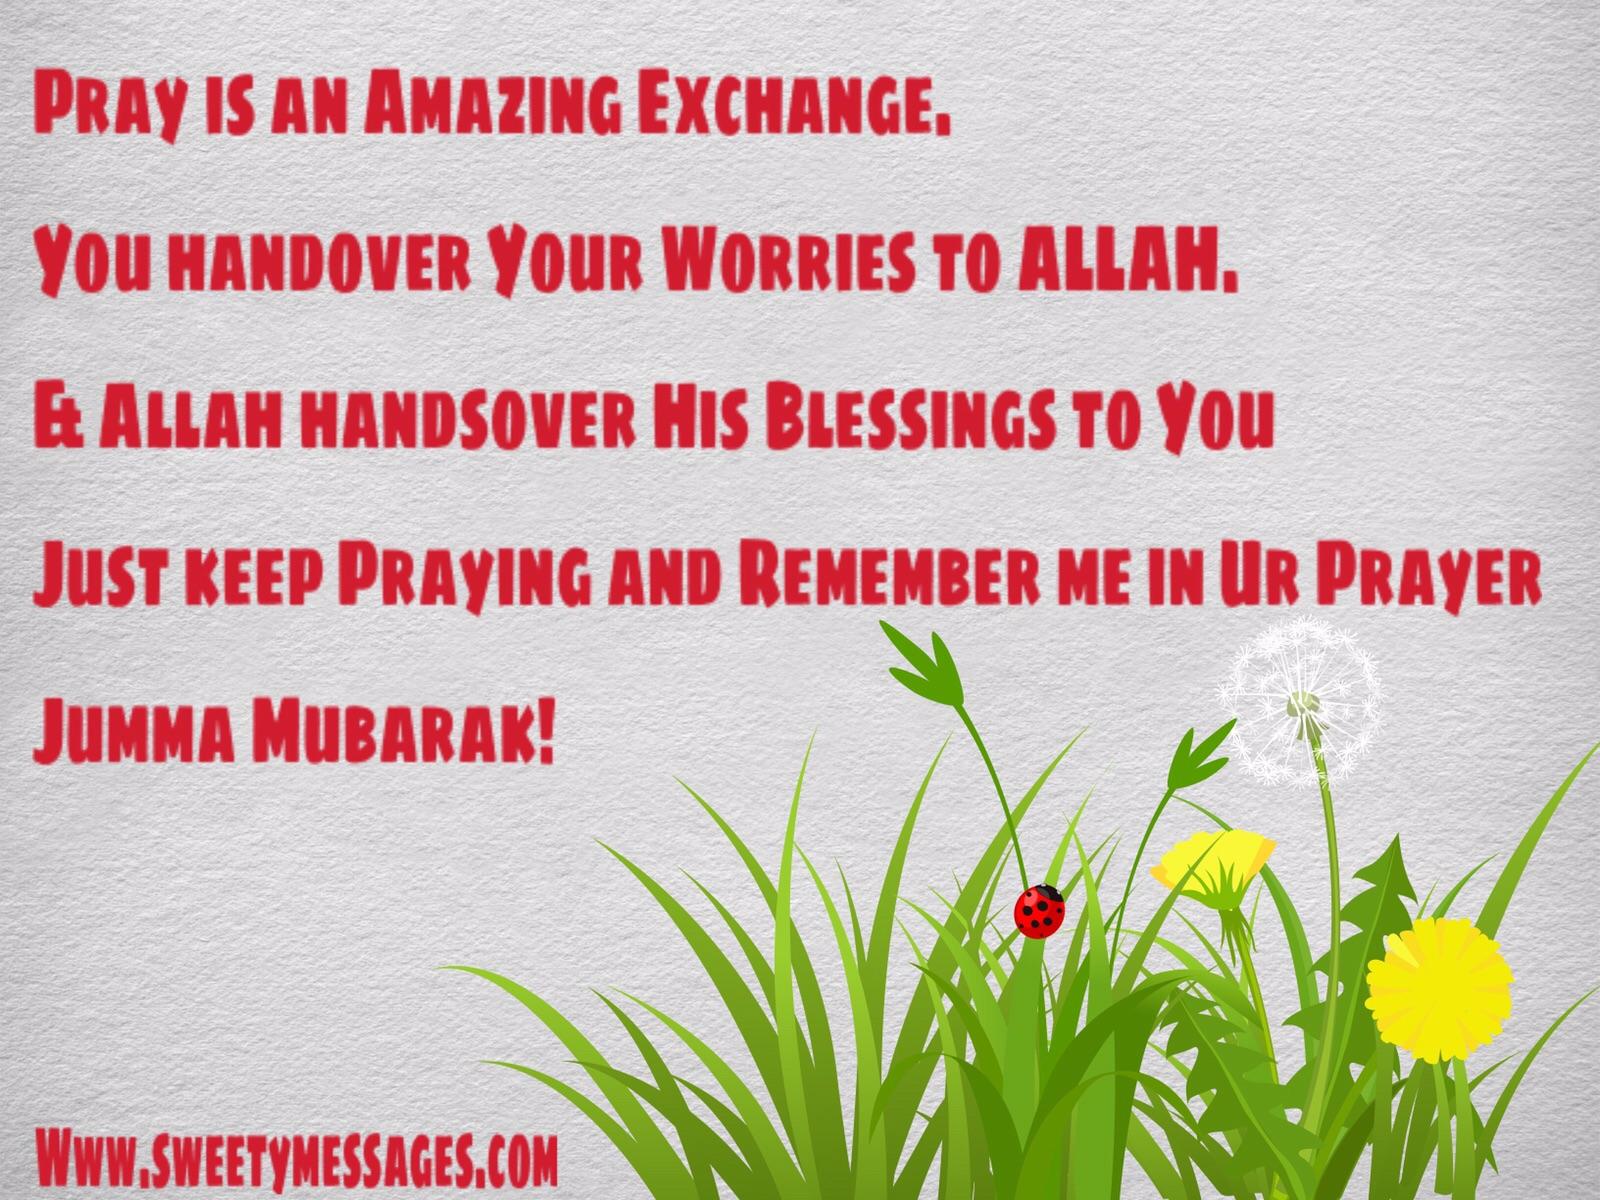 Jummah Mubarak Cards And Images Beautiful Messages